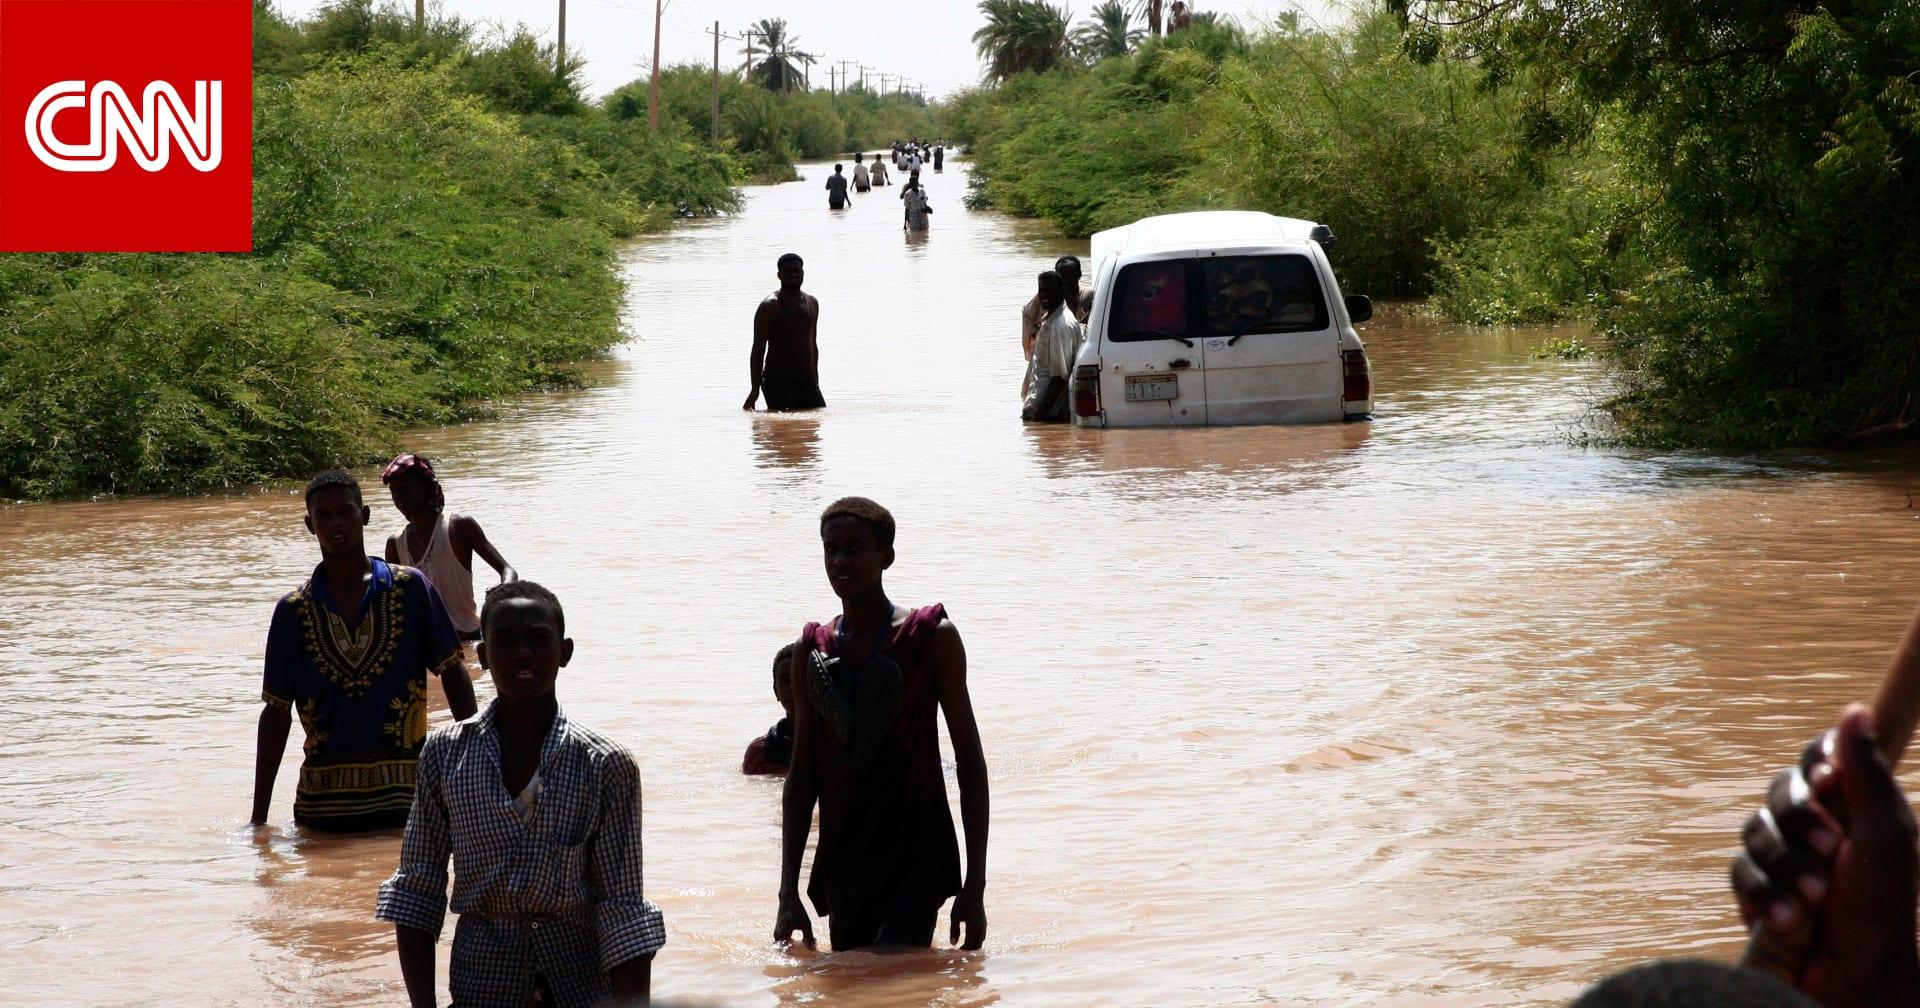 ارتفاع عدد القتلى بسبب الأمطار والفيضانات في السودان إلى 62 شخصًا